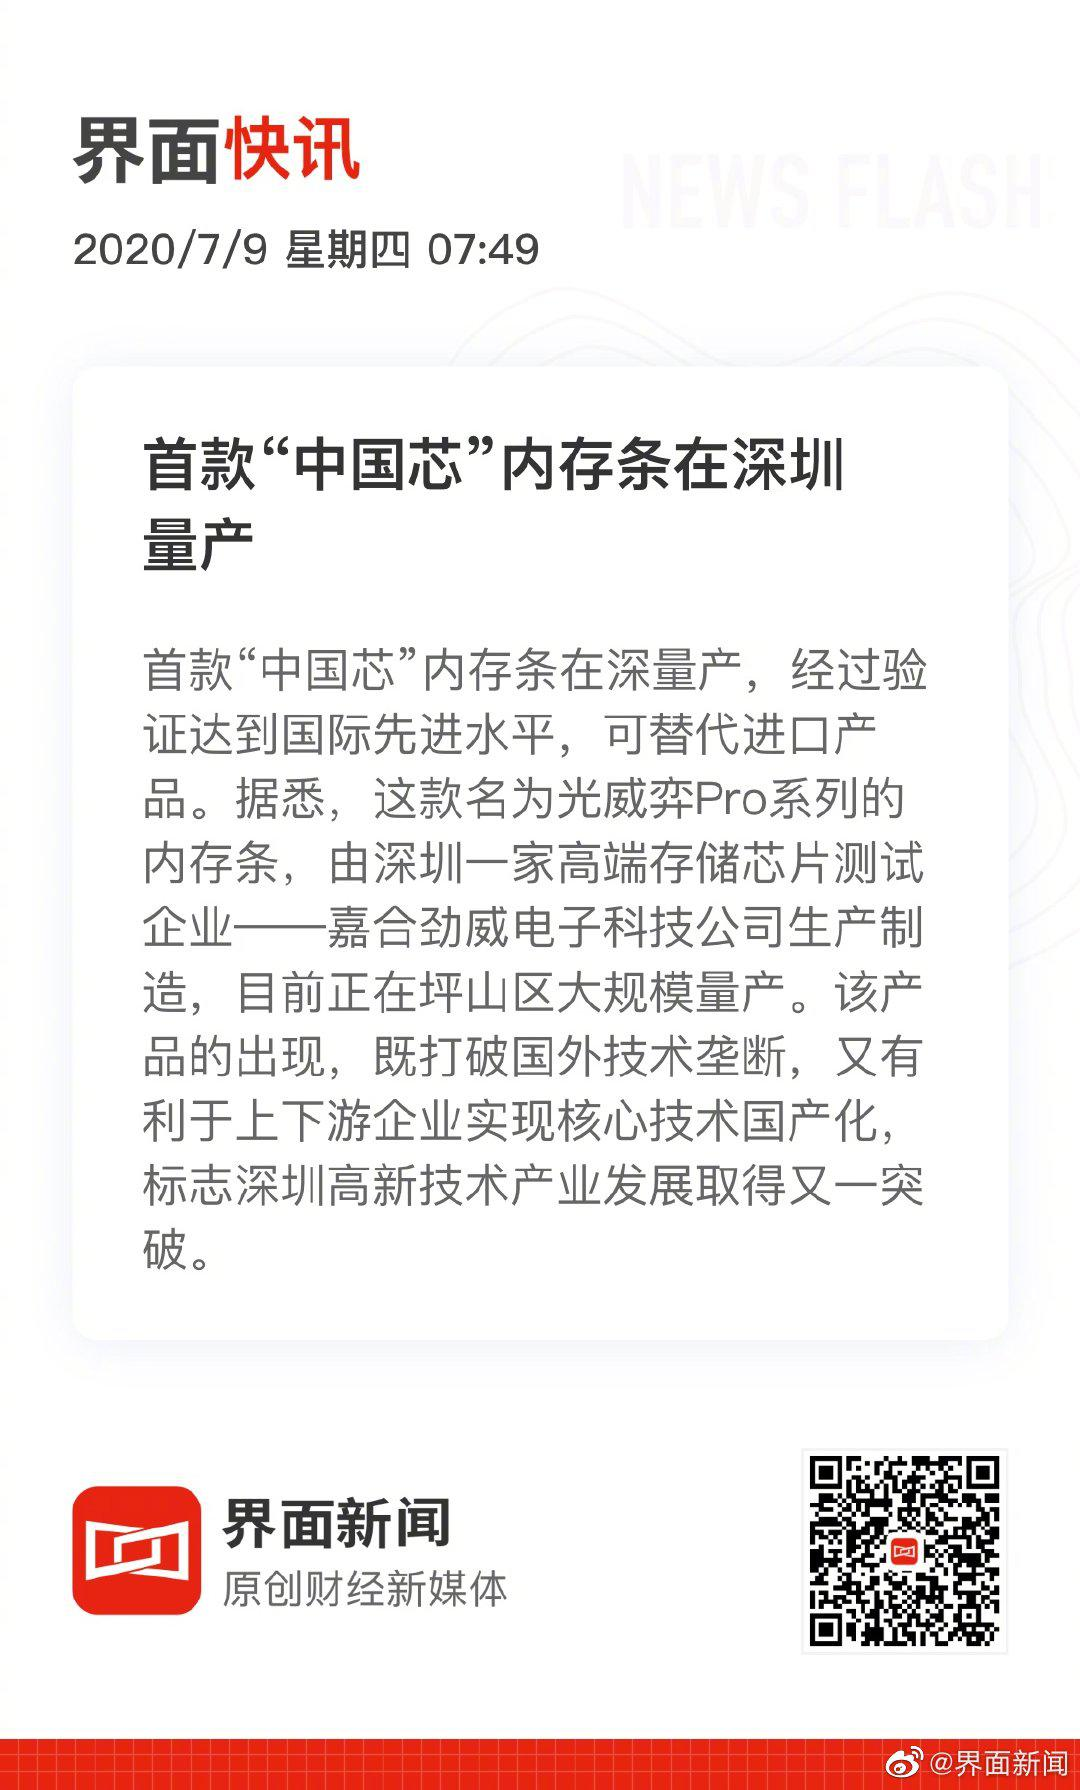 赢咖3:首款中国芯内存条赢咖3在深图片